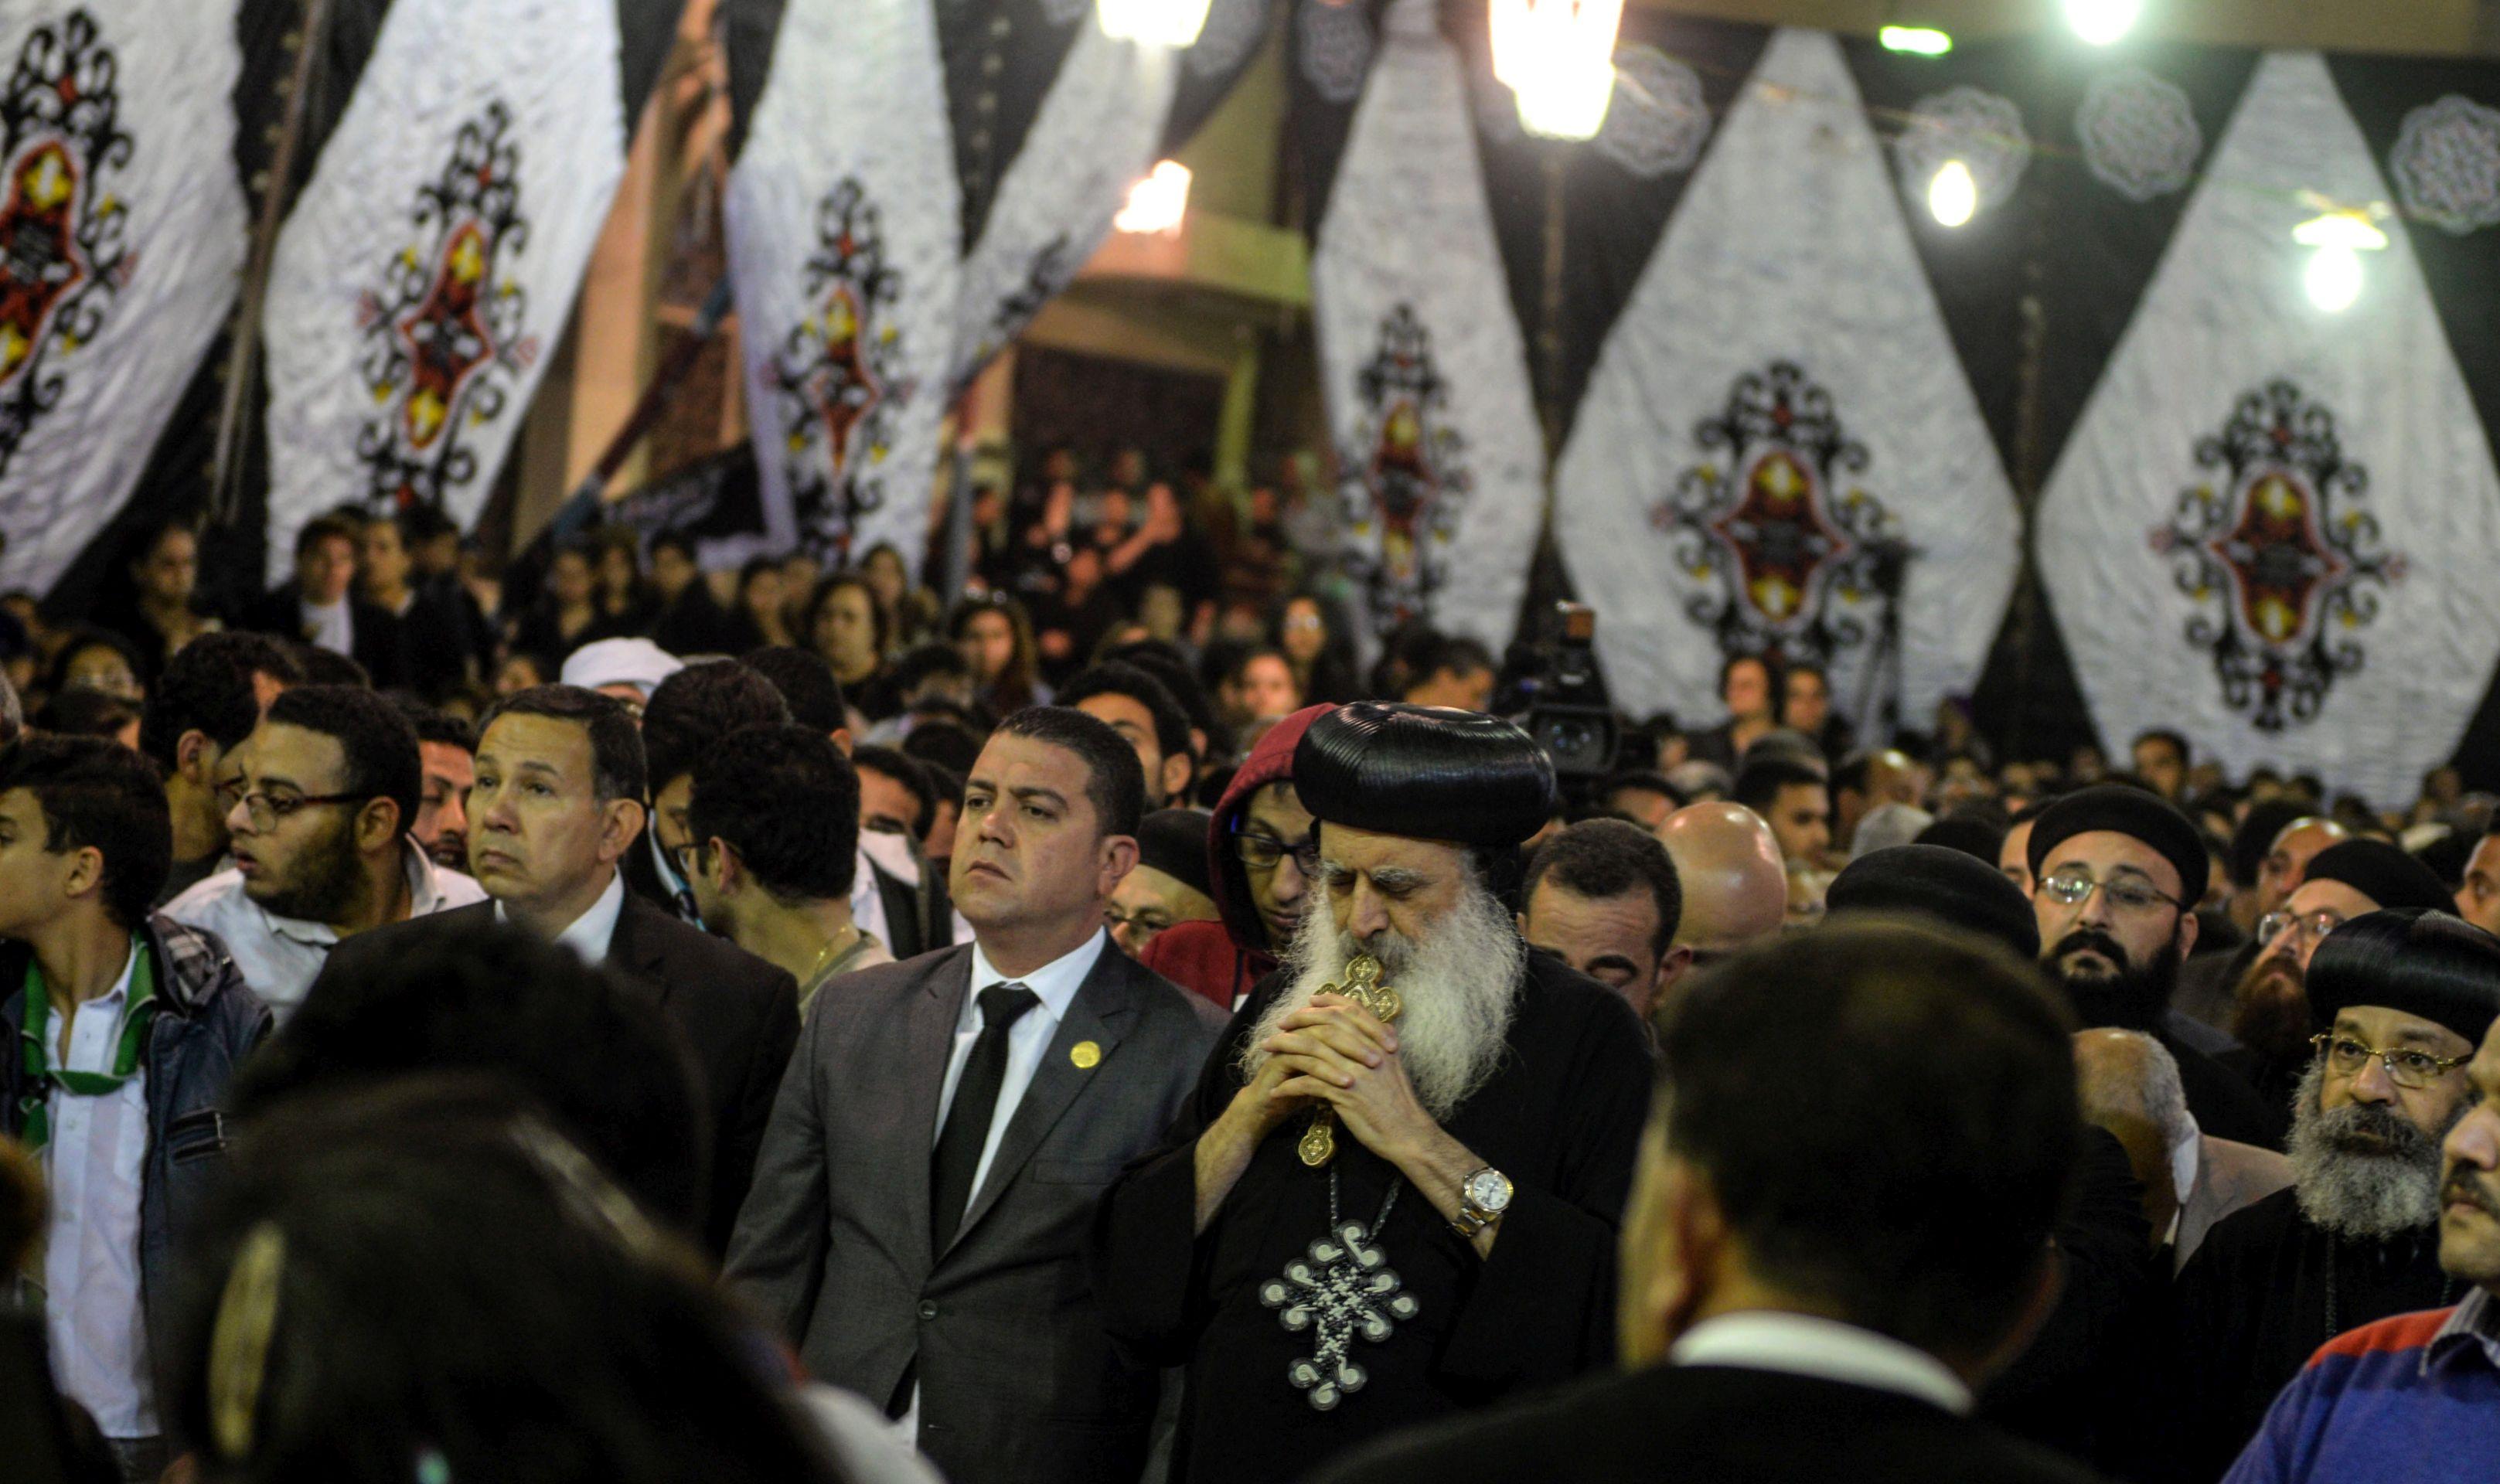 Egipatski Kopti Uskrs obilježavaju u subotu zbog nedavnih terorističkih napada